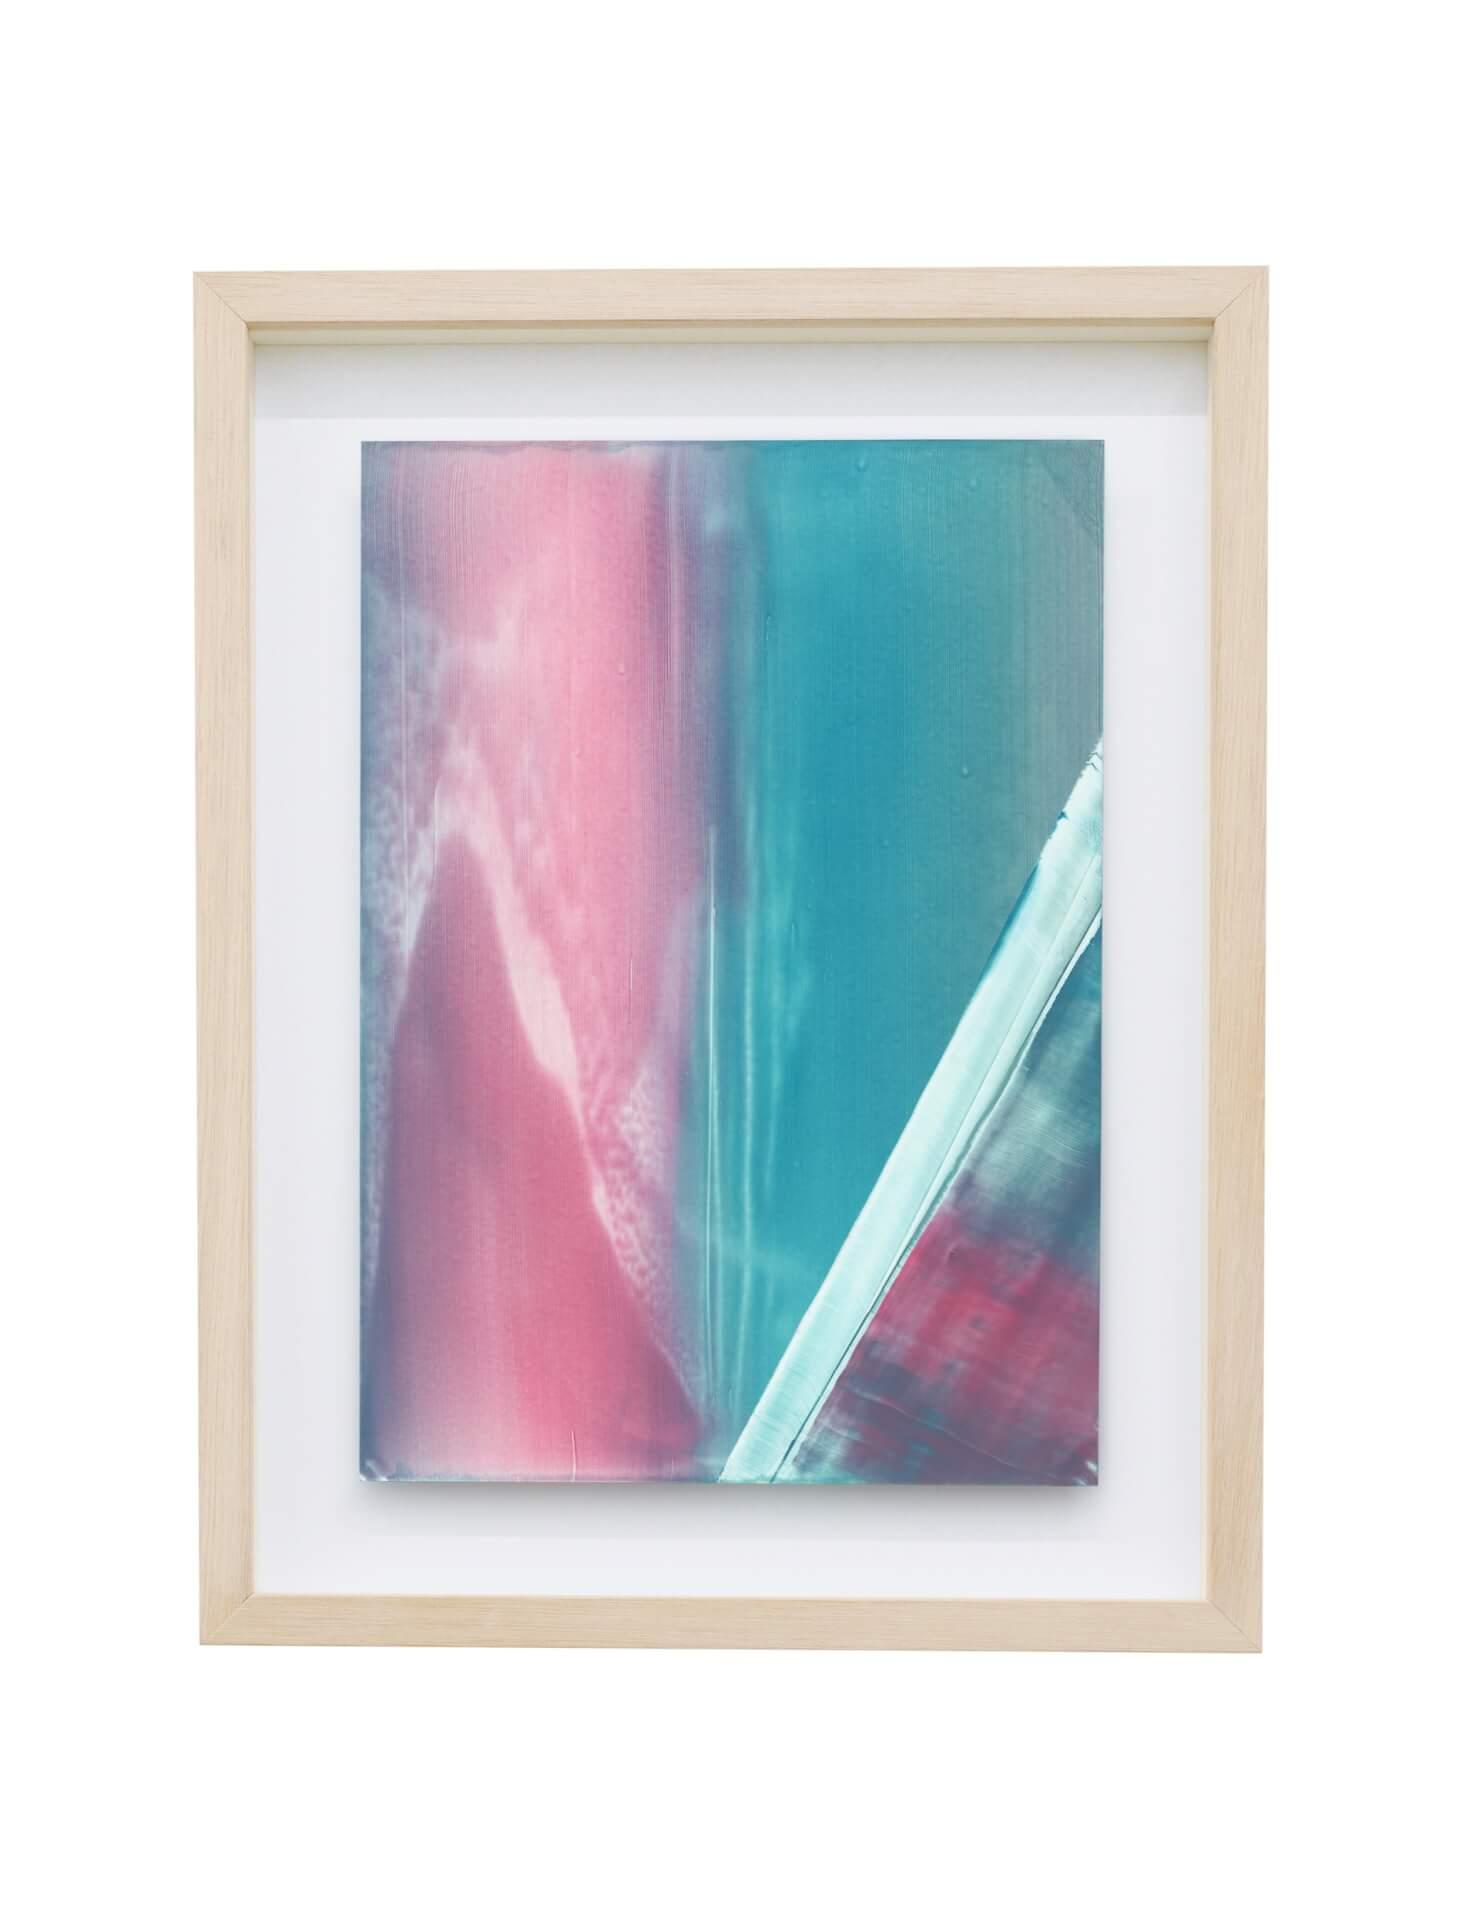 小村希史個展<OIL>が渋谷PARCO「OIL by 美術手帖」ギャラリーで開催|新作展示やオリジナルTシャツの販売も ac200313_komuramarehumi_oil_05